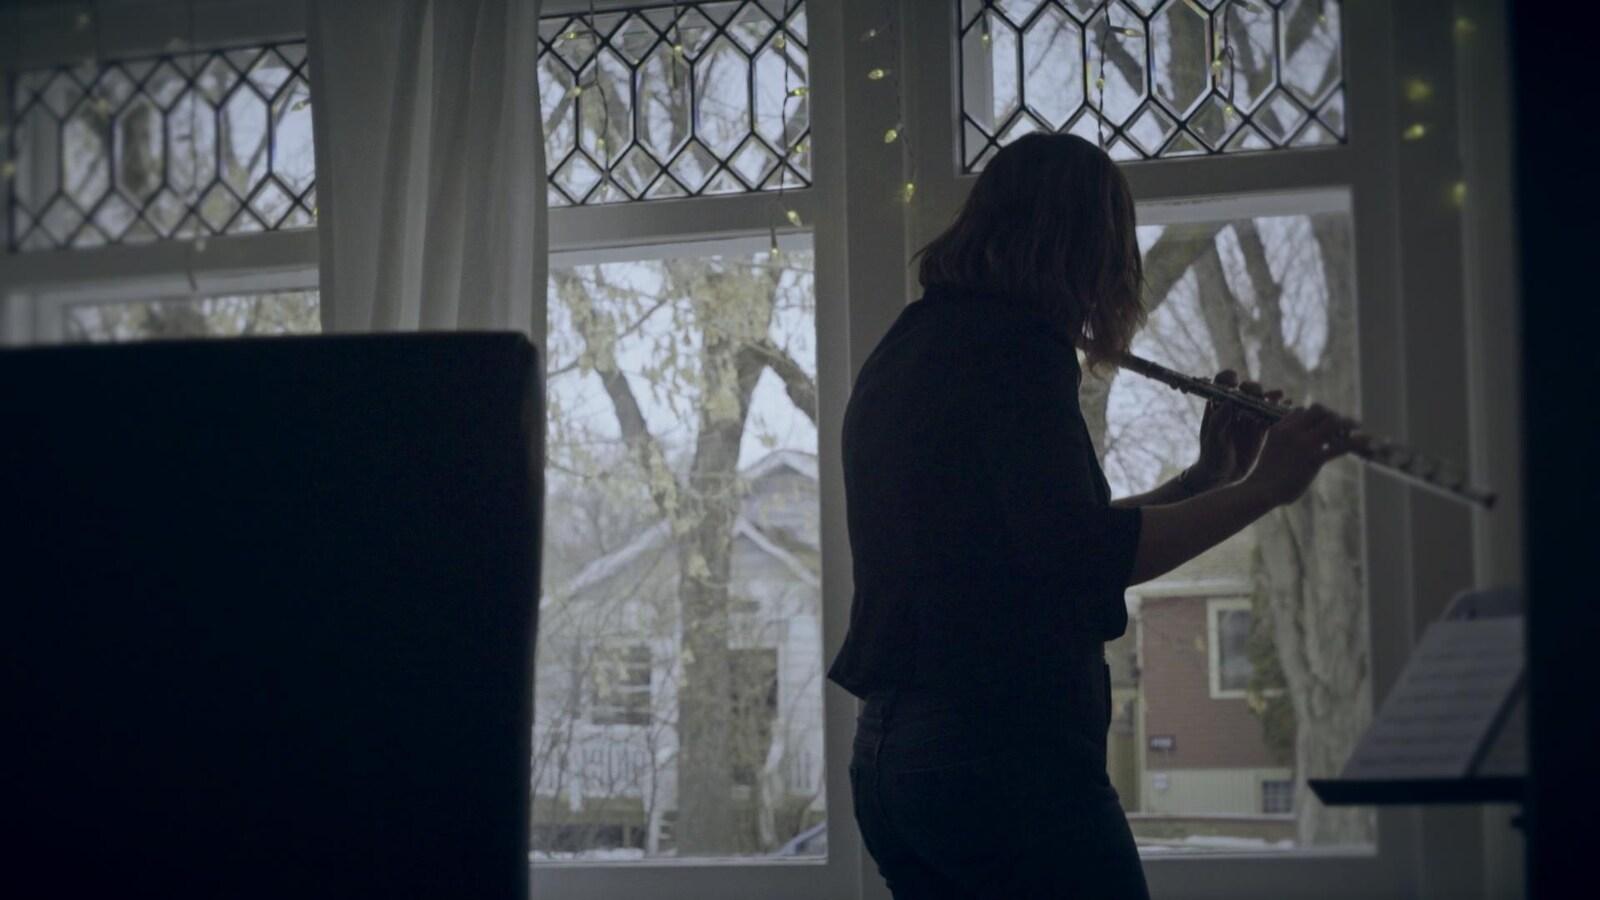 La musicienne Marie-Véronique Bourque joue de la flûte traversière de dos devant une fenêtre.